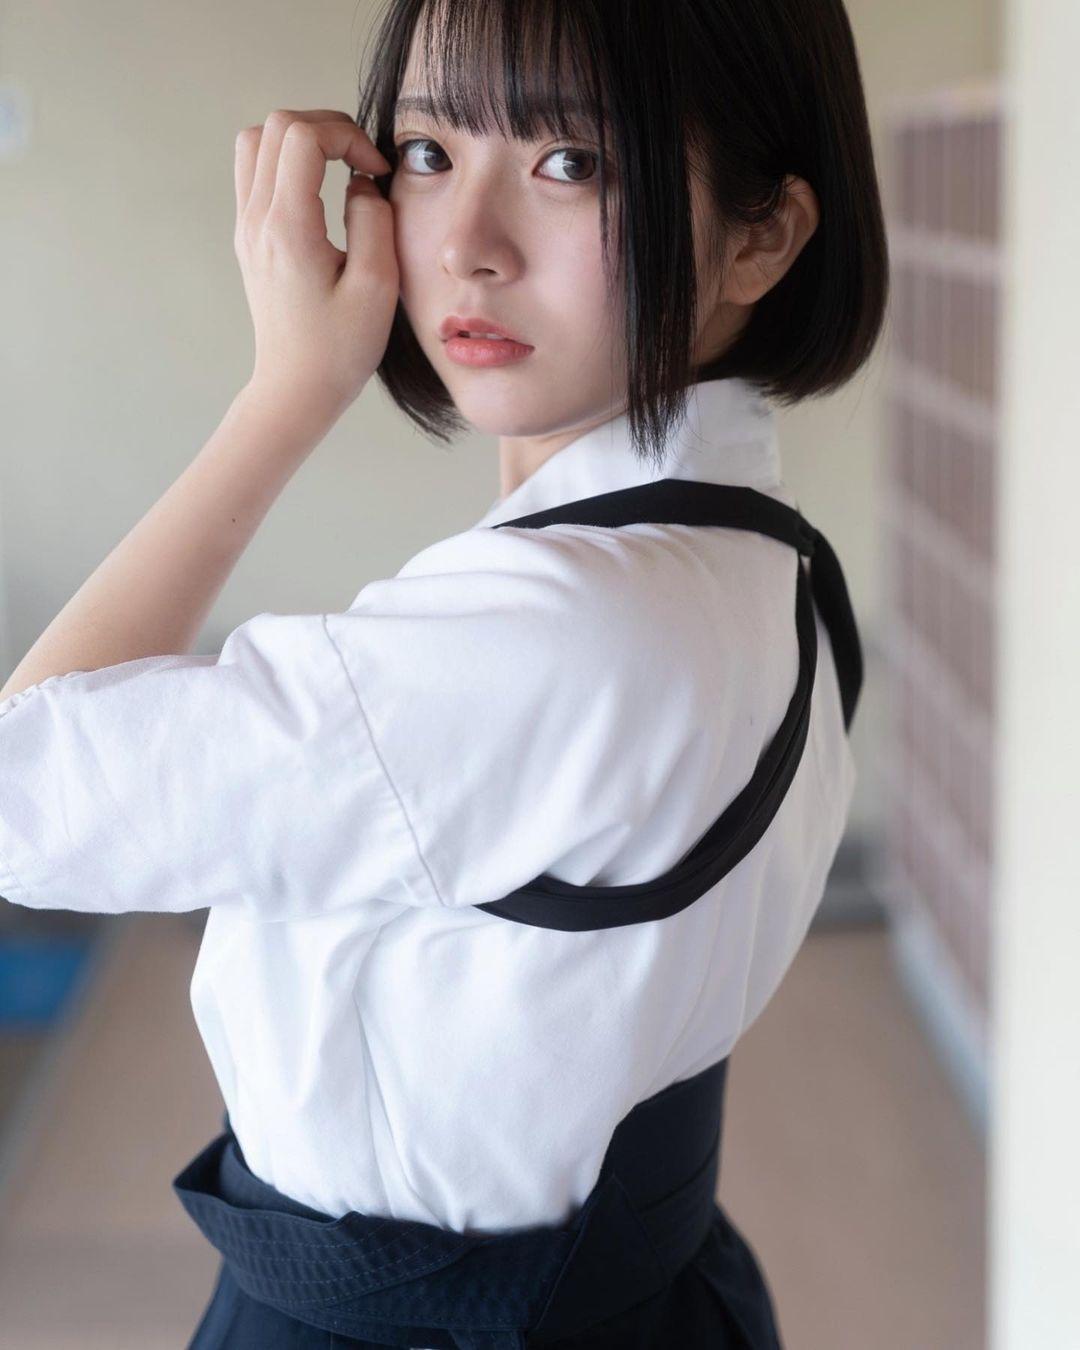 17岁仙女高中生瀬戸りつ绝美长相激似IU 全身散发空灵气质美到有点不真实 养眼图片 第32张